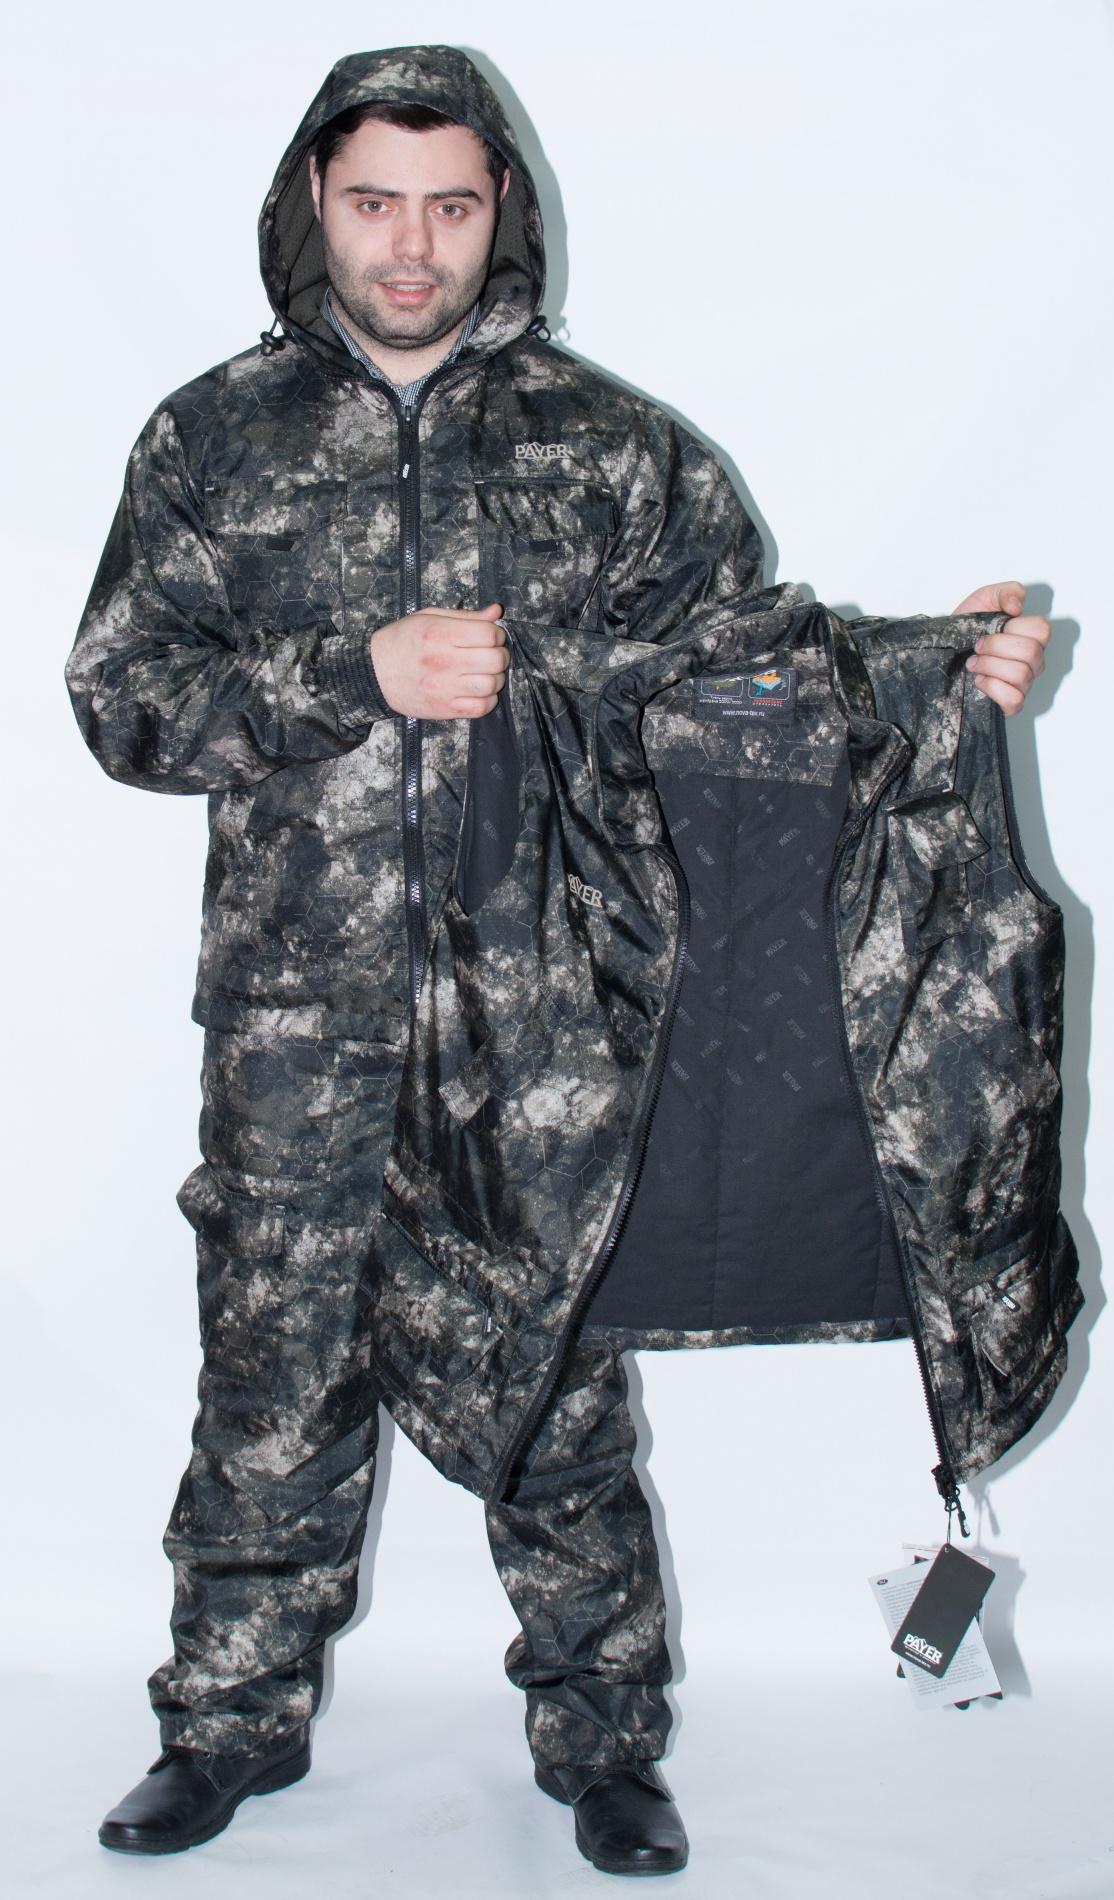 Костюм мужской Вектор (Дуплекс, вектор) Костюмы утепленные<br>Костюм «Вектор» относится к весене-осенней <br>коллекции (ТМ «PAYER») от Novatex. Представляет <br>собой дальнейшее развитие популярной модели <br>«Войкар». Костюм состоит из куртки, брюк <br>и утепленного жилета, надеваемого поверх <br>куртки. Без утепленного жилета костюм с <br>успехом может использоваться летом. Костюм <br>«Вектор» шьется из ветрозащитной ткани <br>Дуплекс. Куртка и брюки на сетчатом подкладе. <br>Такая комбинация надежно защищает от ветра <br>и холода и не сковывает движения, костюм <br>оснащен большим количеством многофункциональных <br>карманов. - анатомический крой - регулируемый <br>капюшон - усиления на локтях, коленях и плечах <br>мембранной тканью - 17 карманов - спинка полукомбинезона <br>отстёгивающаяся - регулируемые лямки - регулируемые <br>манжеты<br><br>Пол: мужской<br>Размер: 48-50<br>Рост: 170-176<br>Сезон: демисезонный<br>Цвет: серый<br>Материал: текстиль